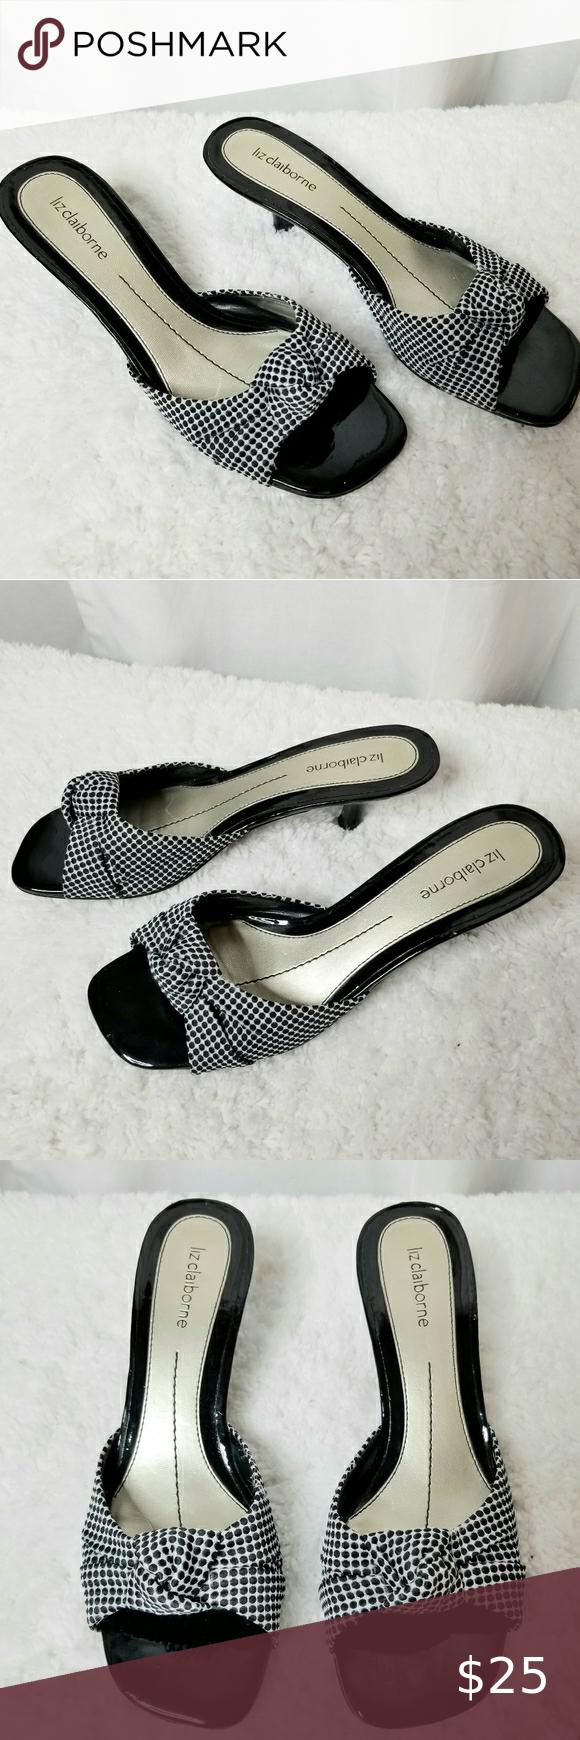 Liz Black White Kitten Heel Sandals Size 7m In 2020 Kitten Heel Sandals Sandals Heels Kitten Heel Shoes